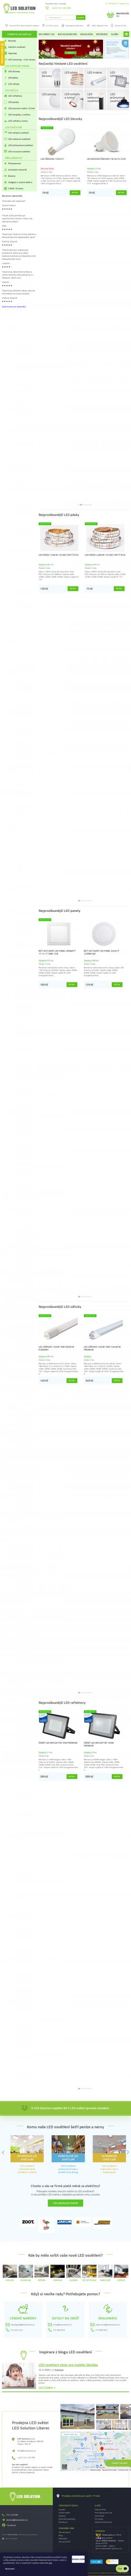 Vzled internetové stránky obchodu LED Solution